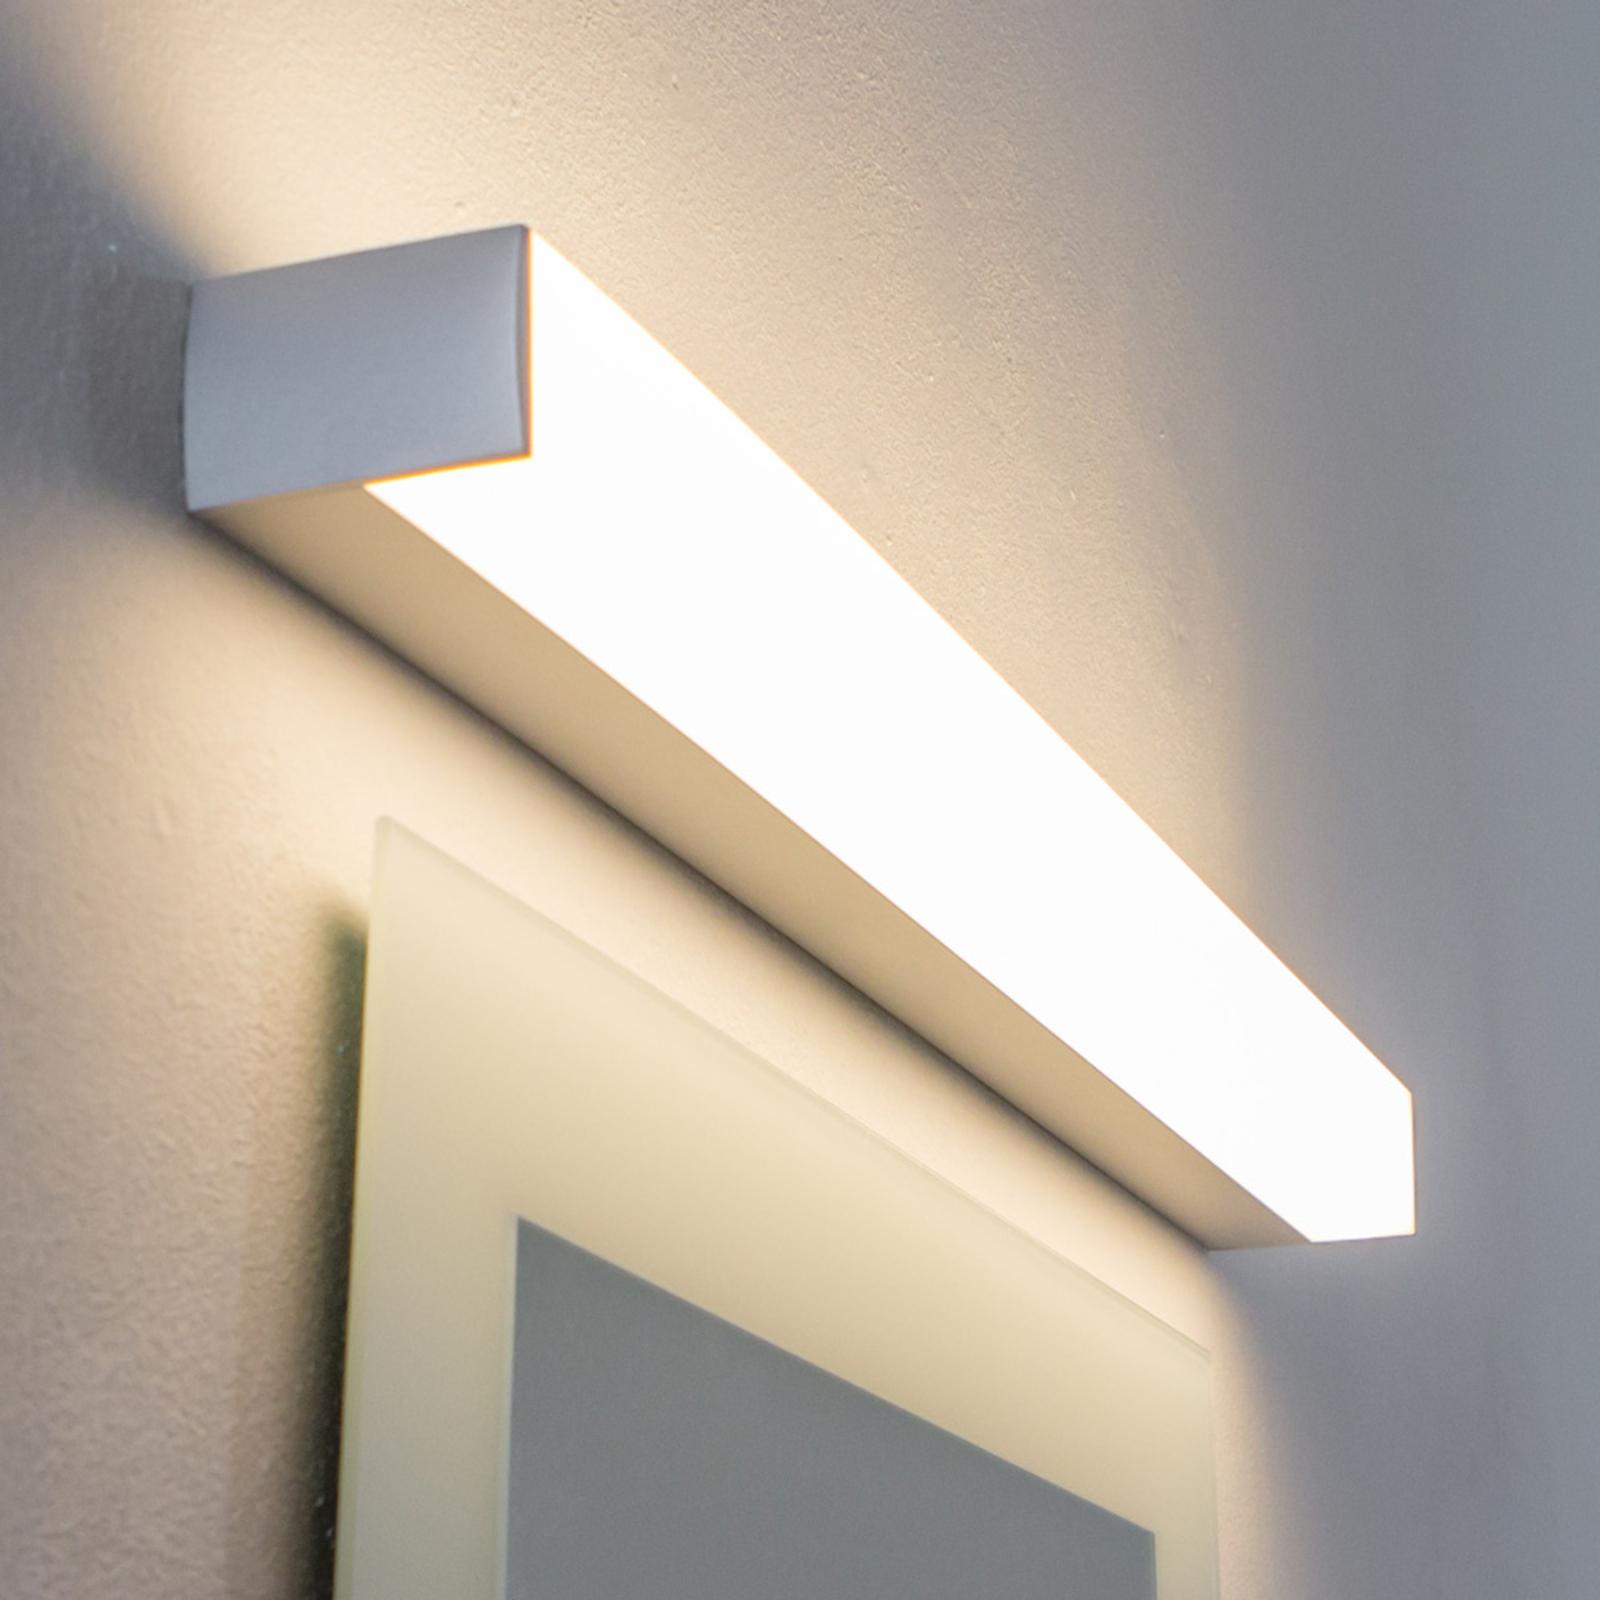 LED-Wandleuchte Seno für Spiegel im Bad 113,6 cm